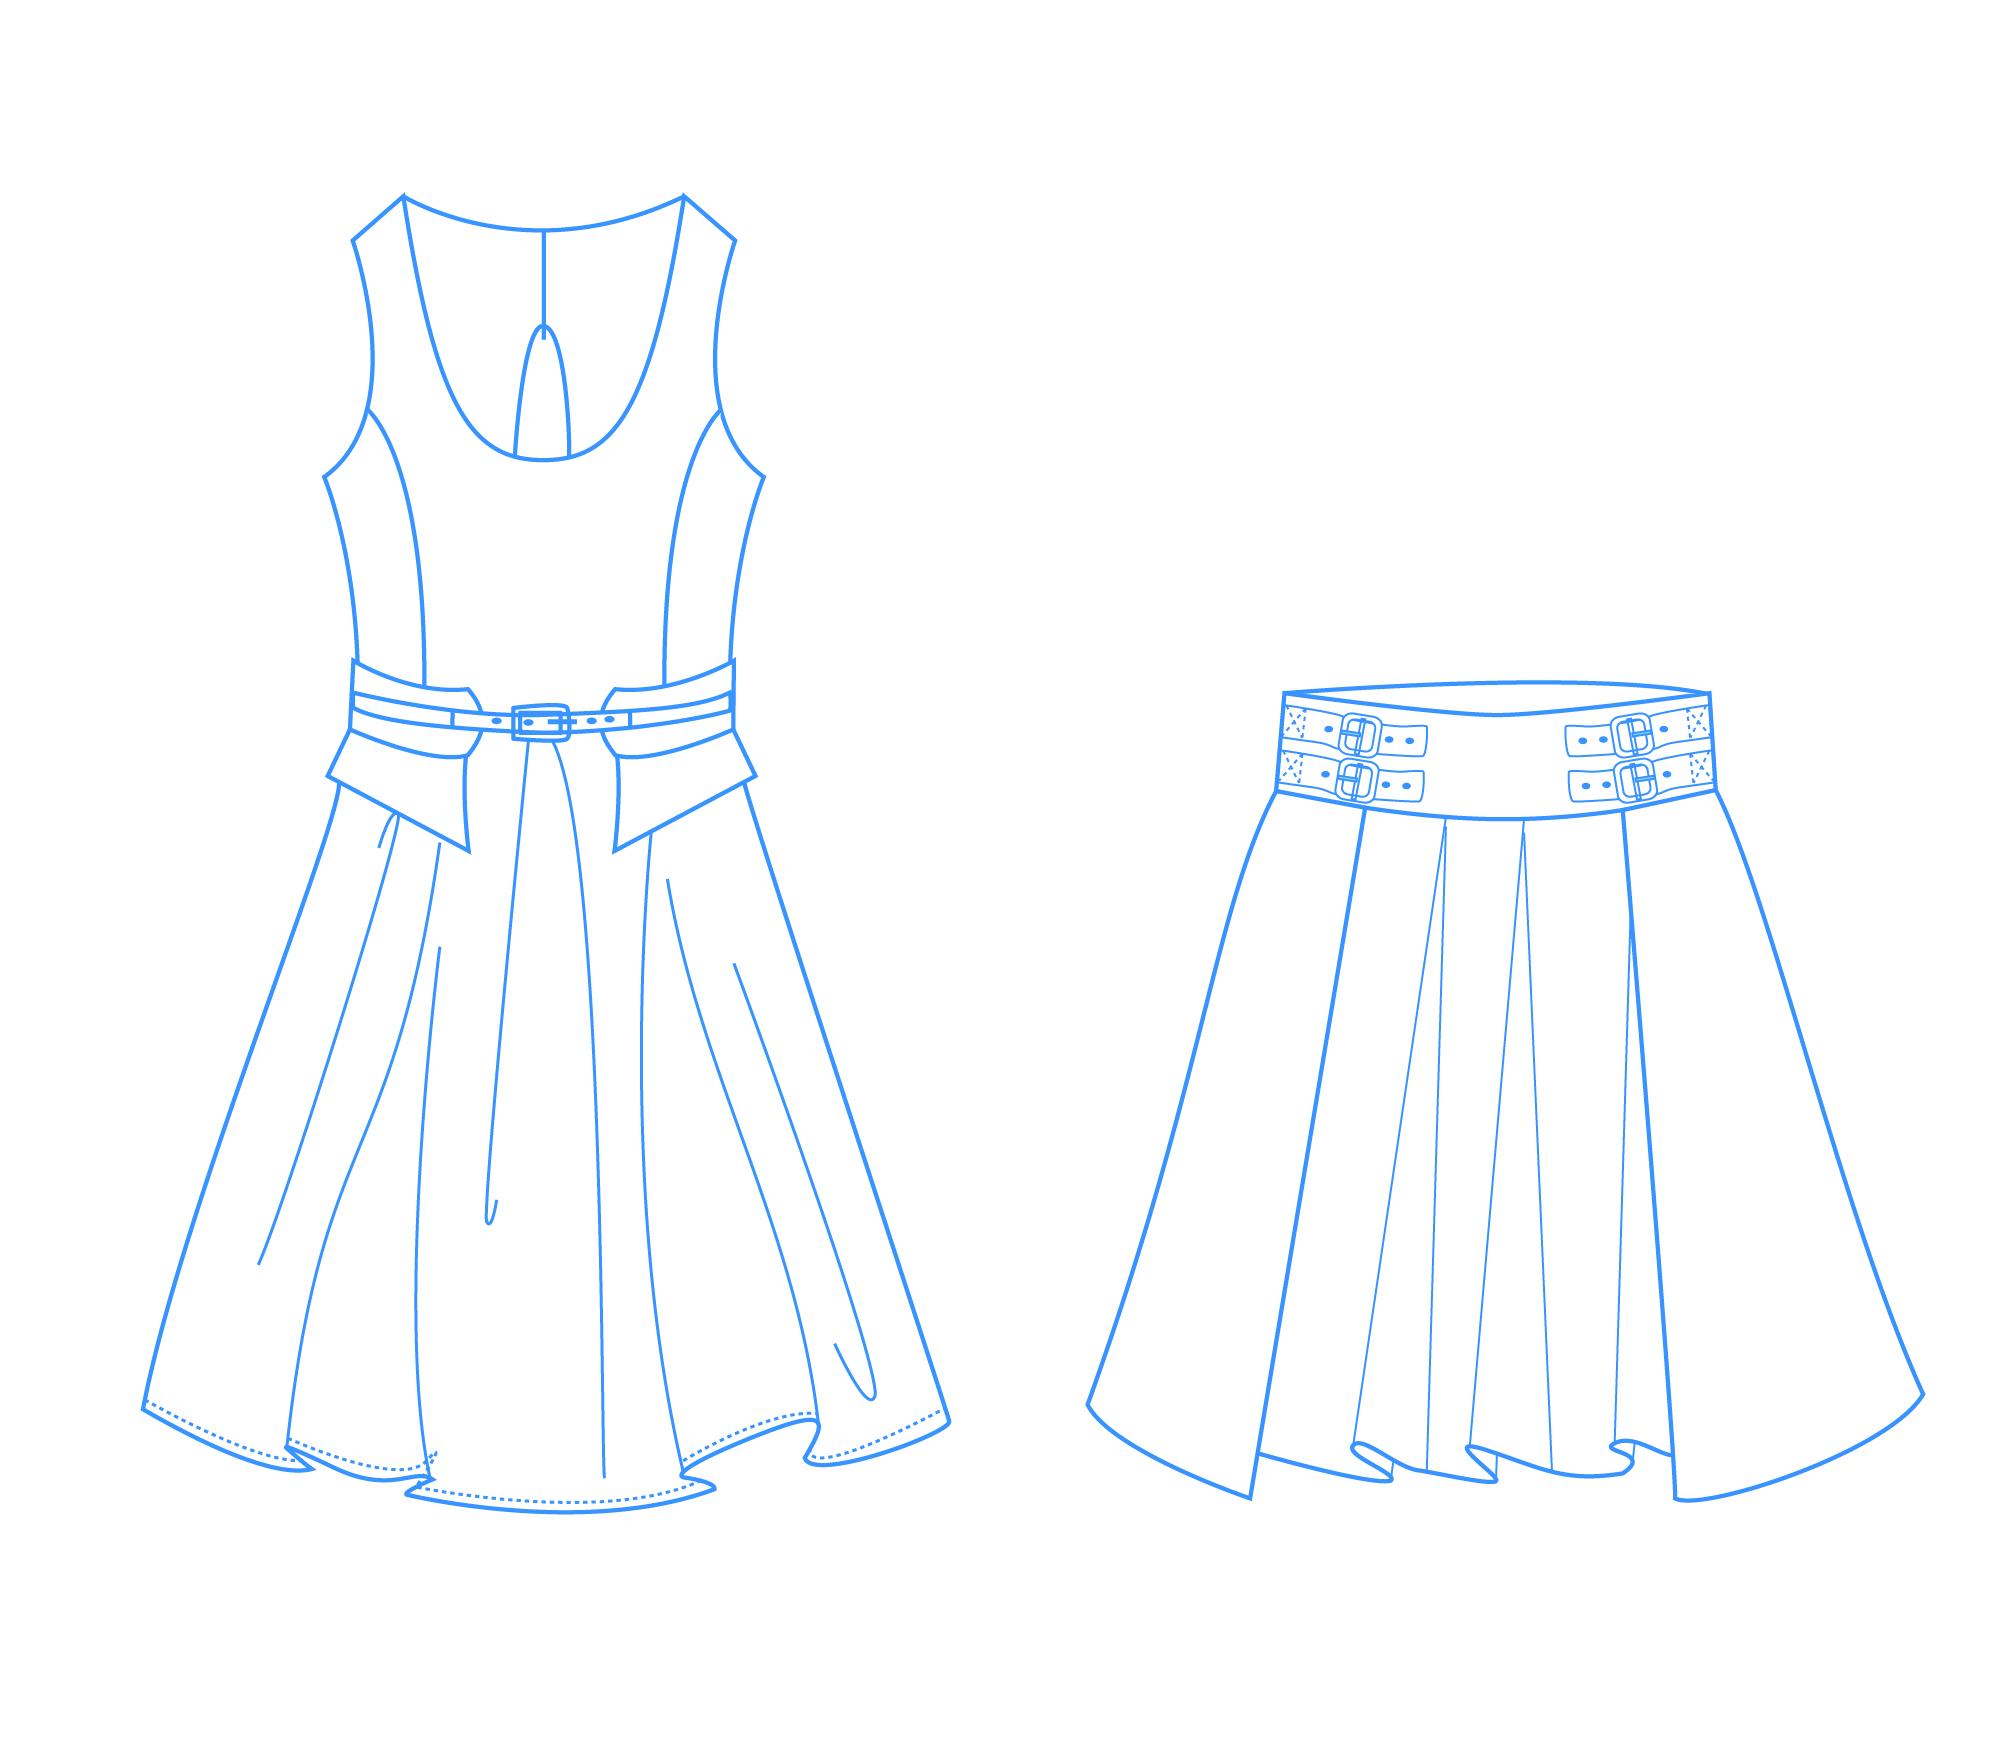 结构制图不仅同服装的制图规格有关,还与选用的服装材料,服装的款式